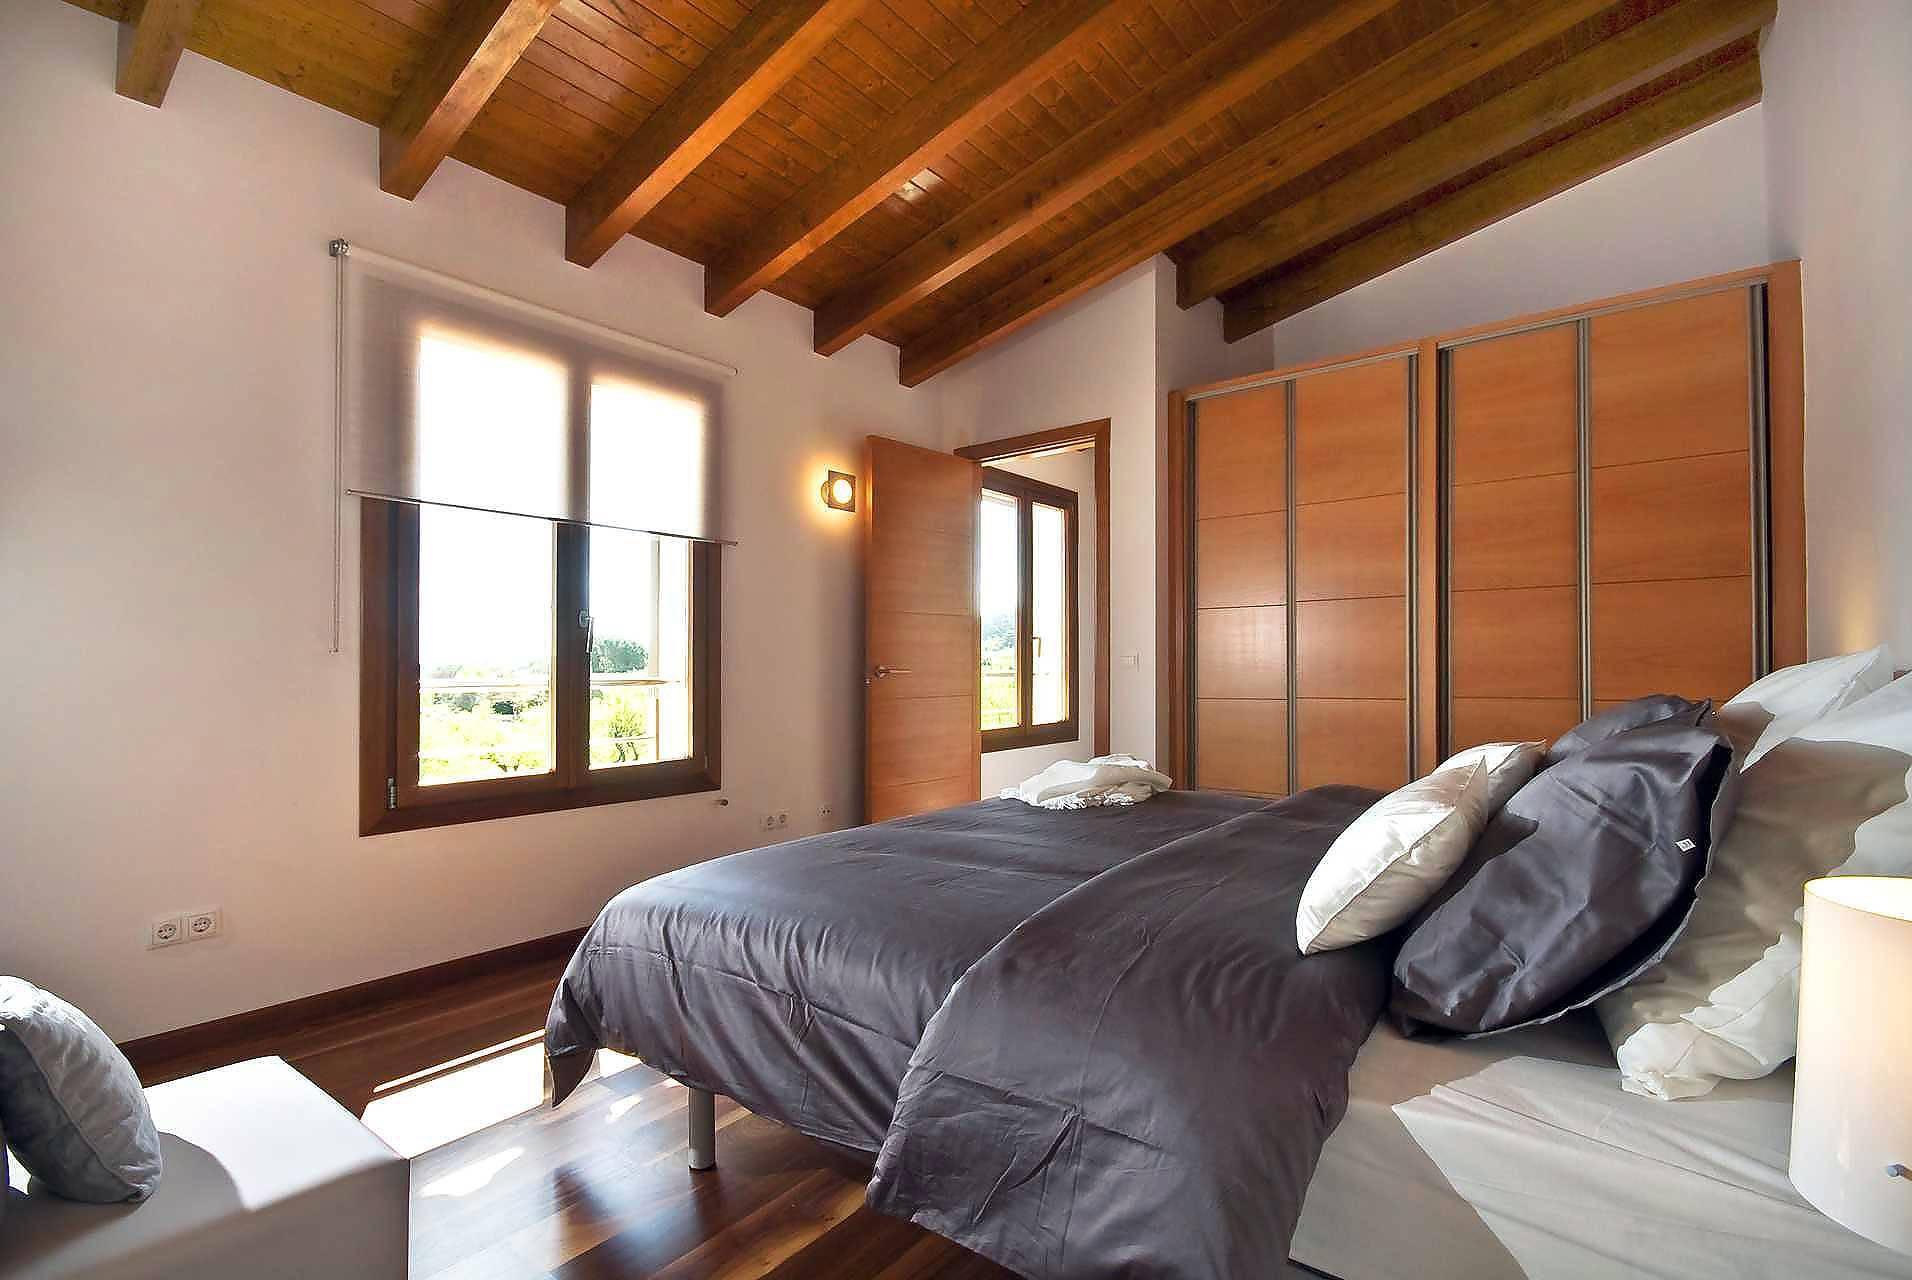 01-79 Design Finca Mallorca North Bild 30